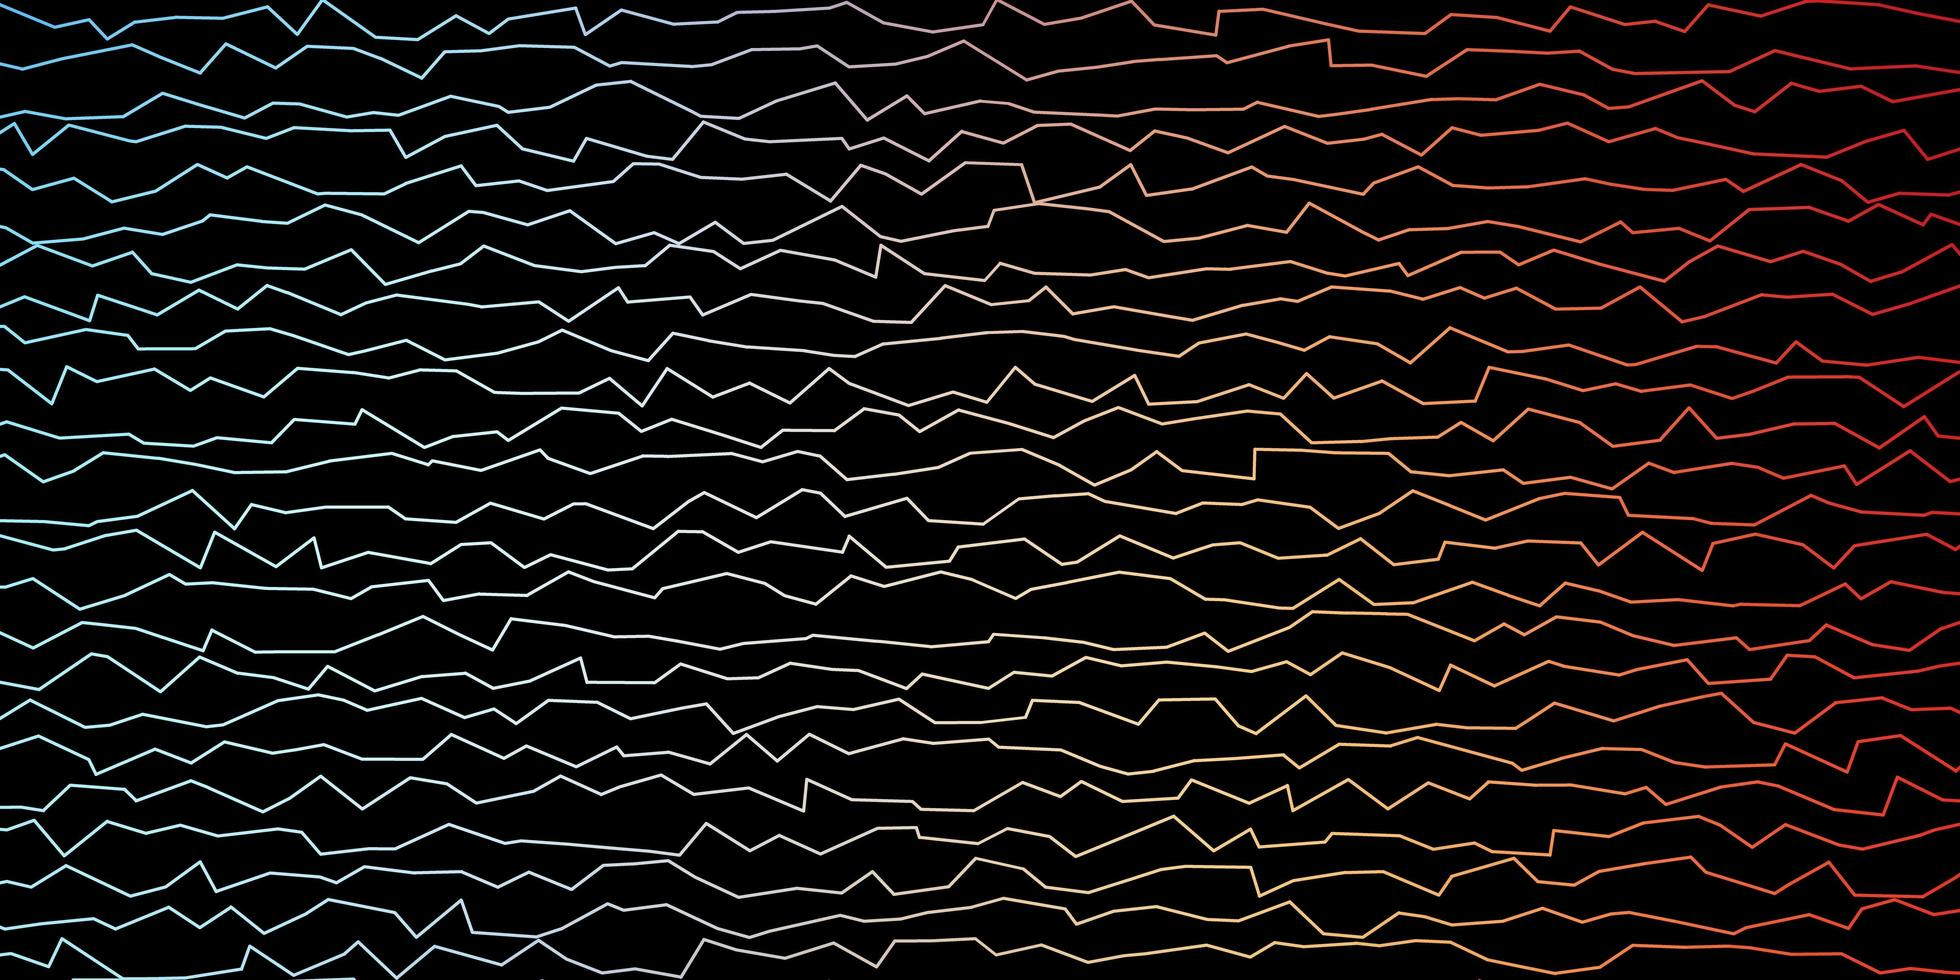 textura vector azul e vermelho escuro com linhas irônicas.